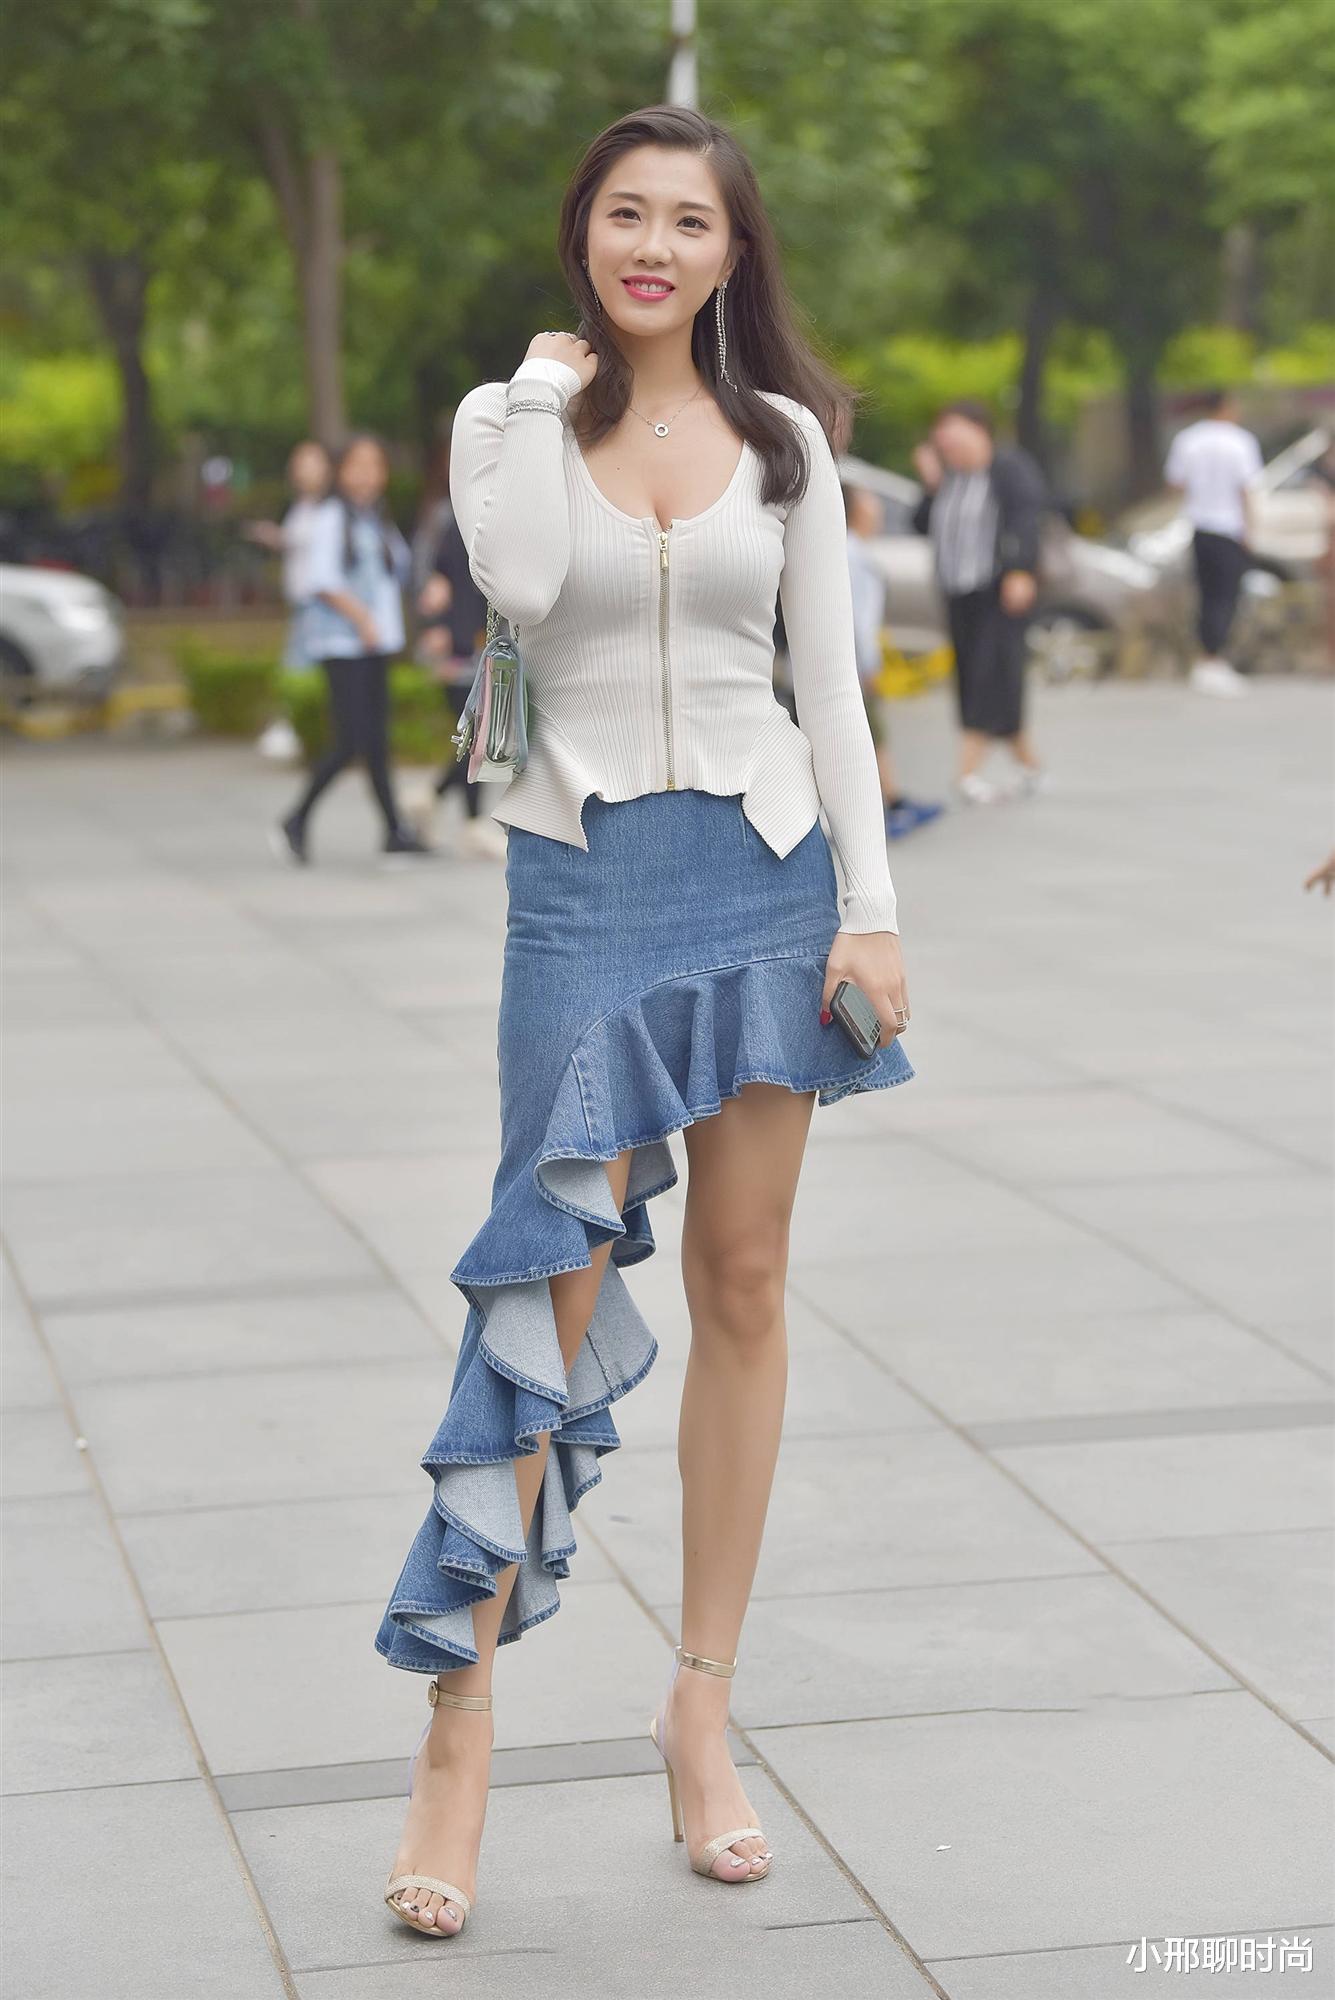 米白色针织衫,搭配高腰牛仔斜裙,气质脱俗,有种明星范